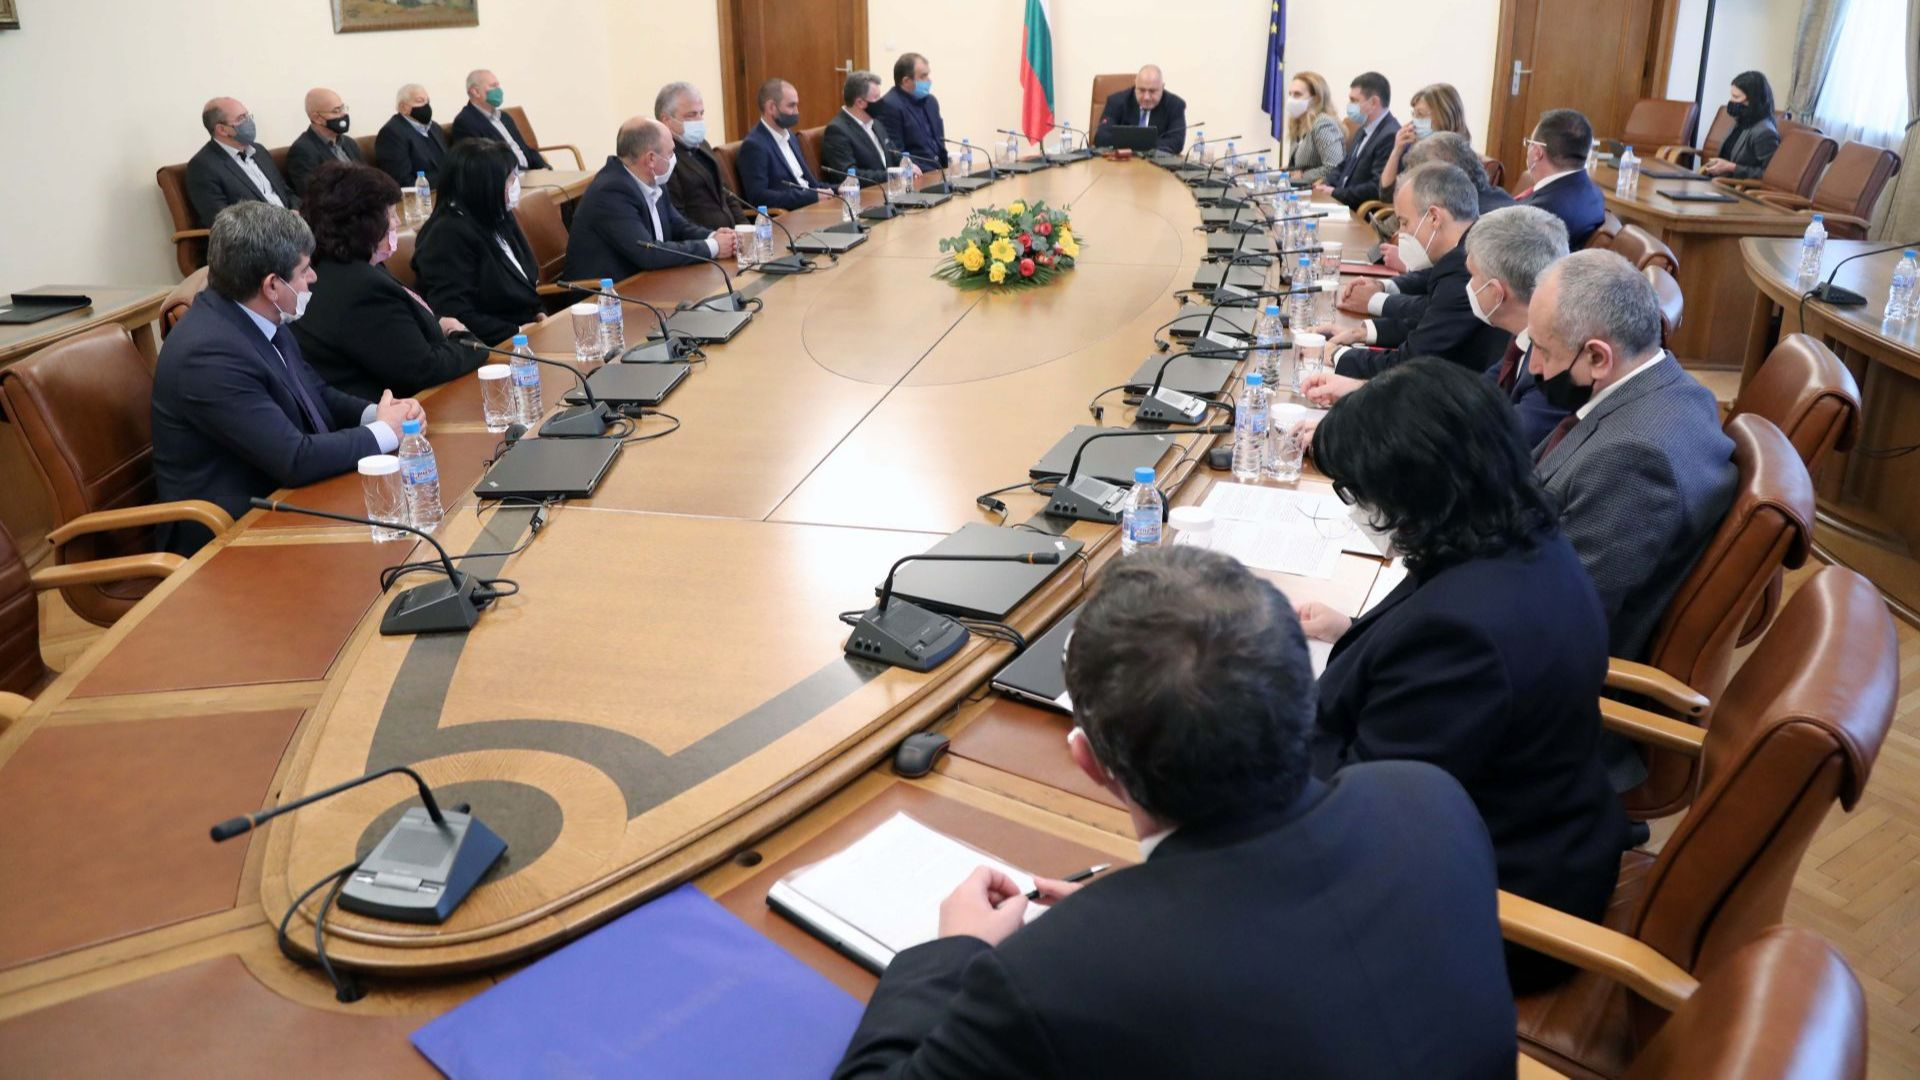 Борисов: С допълнителни 2 412 525 лв. продължаваме да инвестираме в образователната инфраструктура